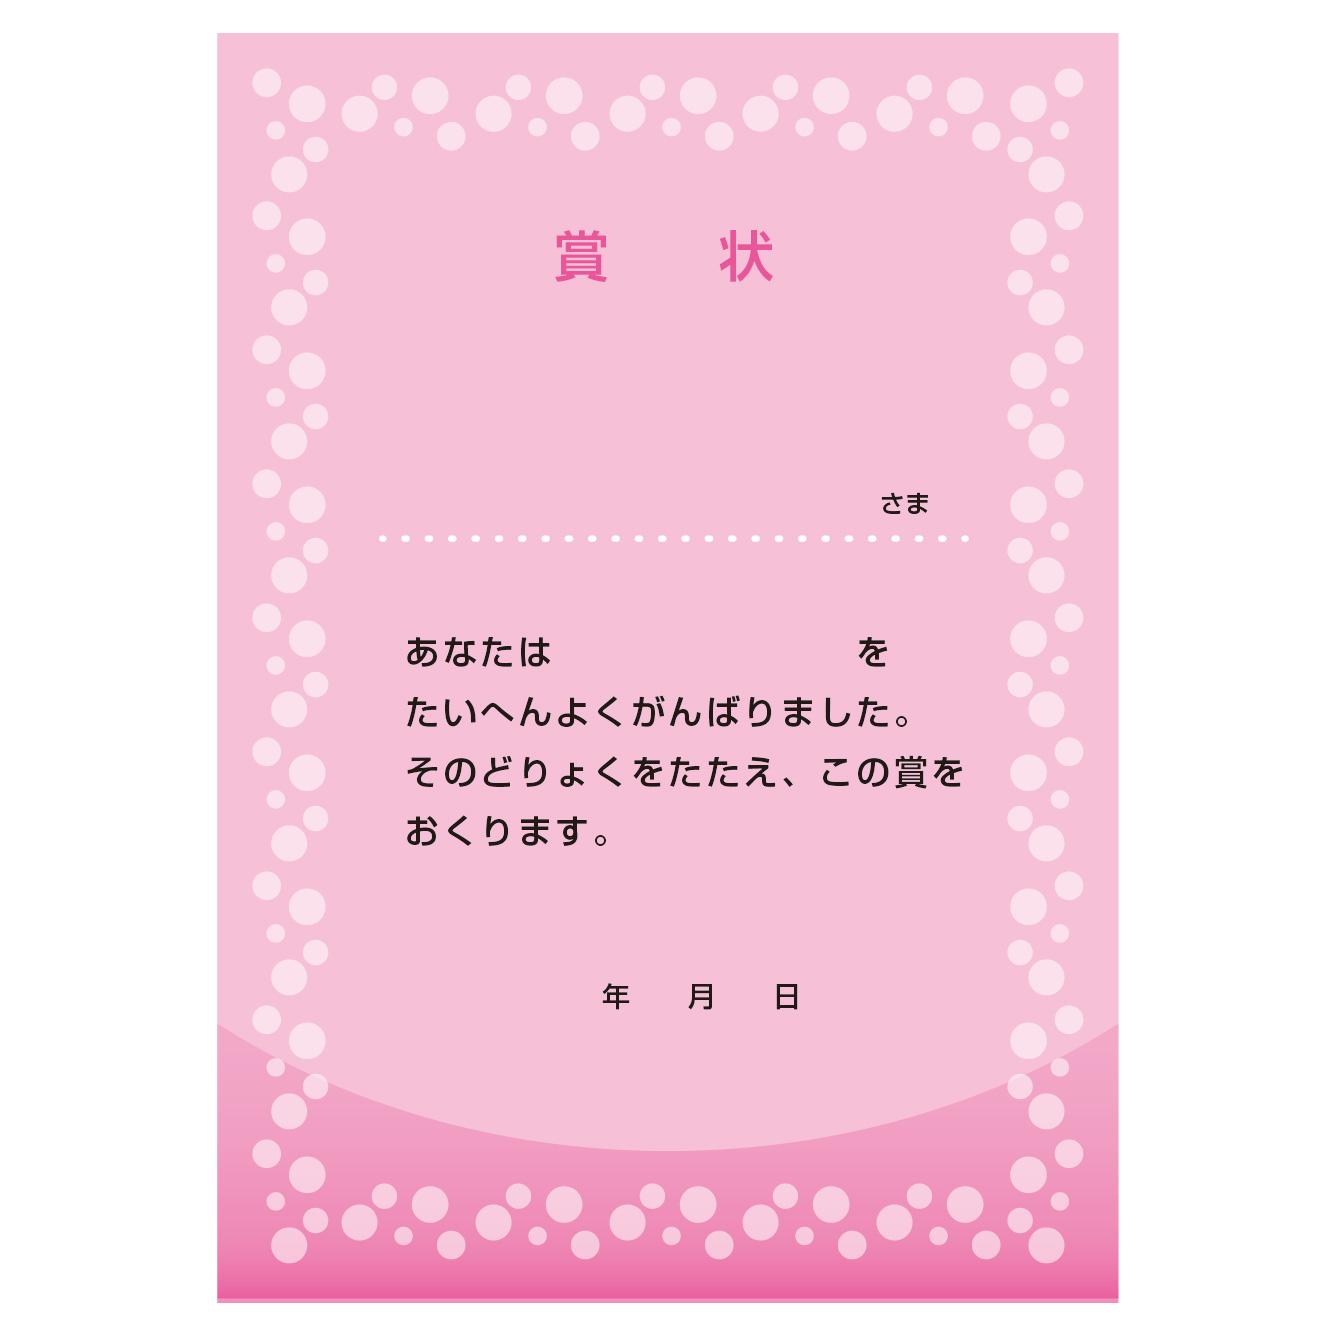 オリジナル枠 水玉柄 ピンク